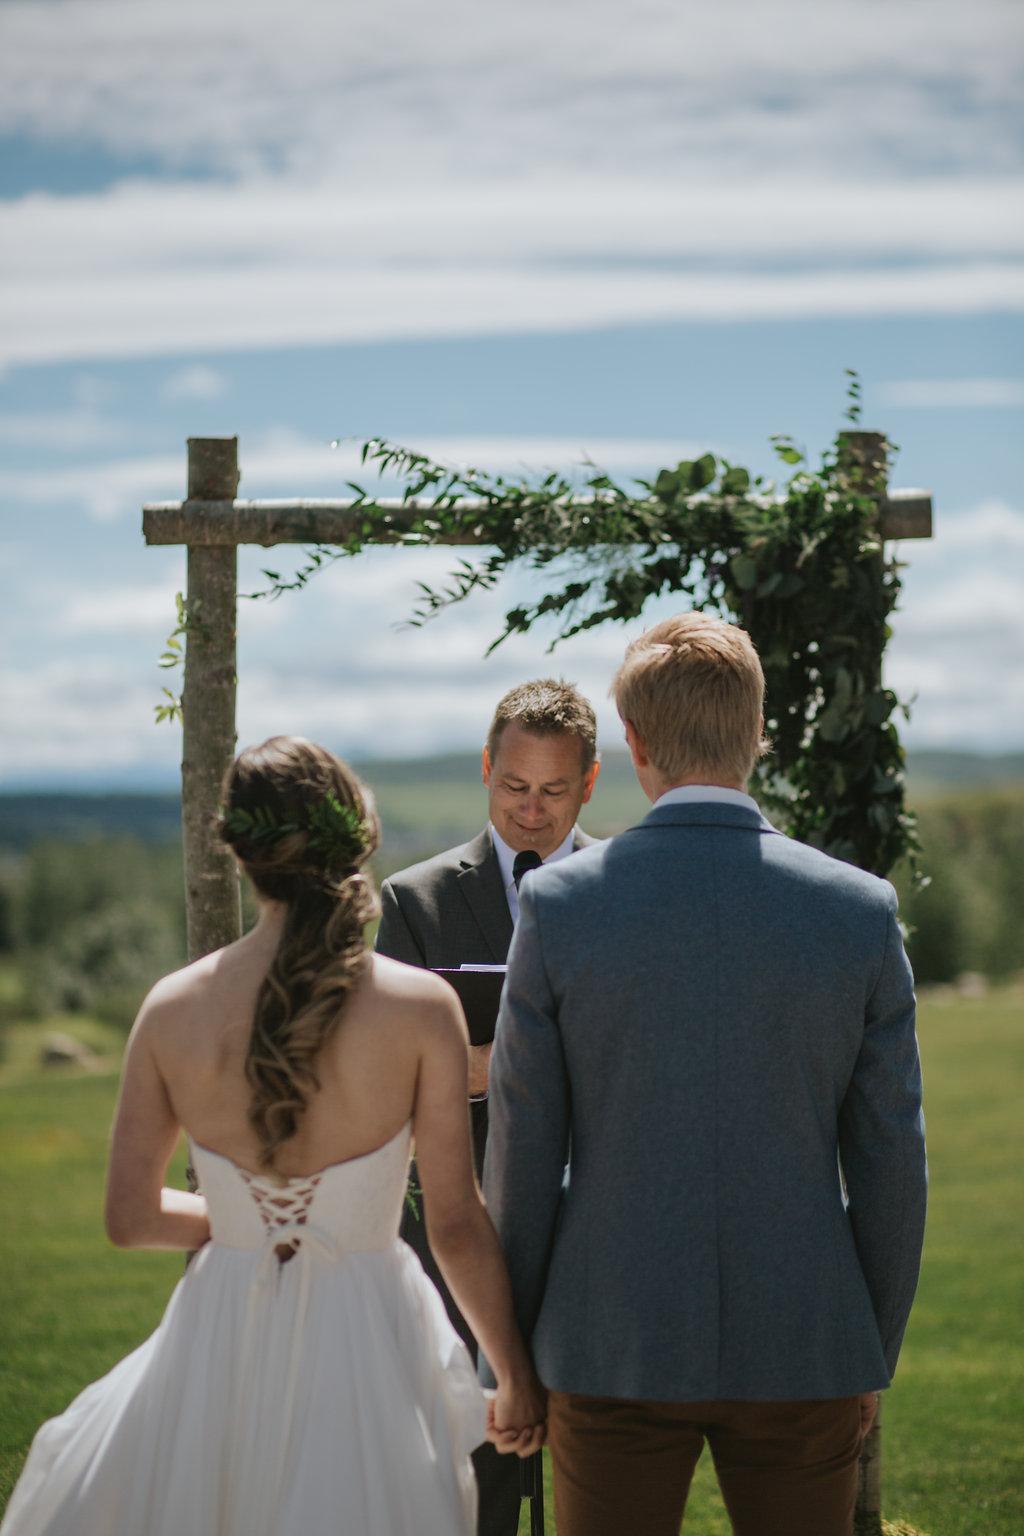 wedding arch and bridal flowers based in cochrane, alberta